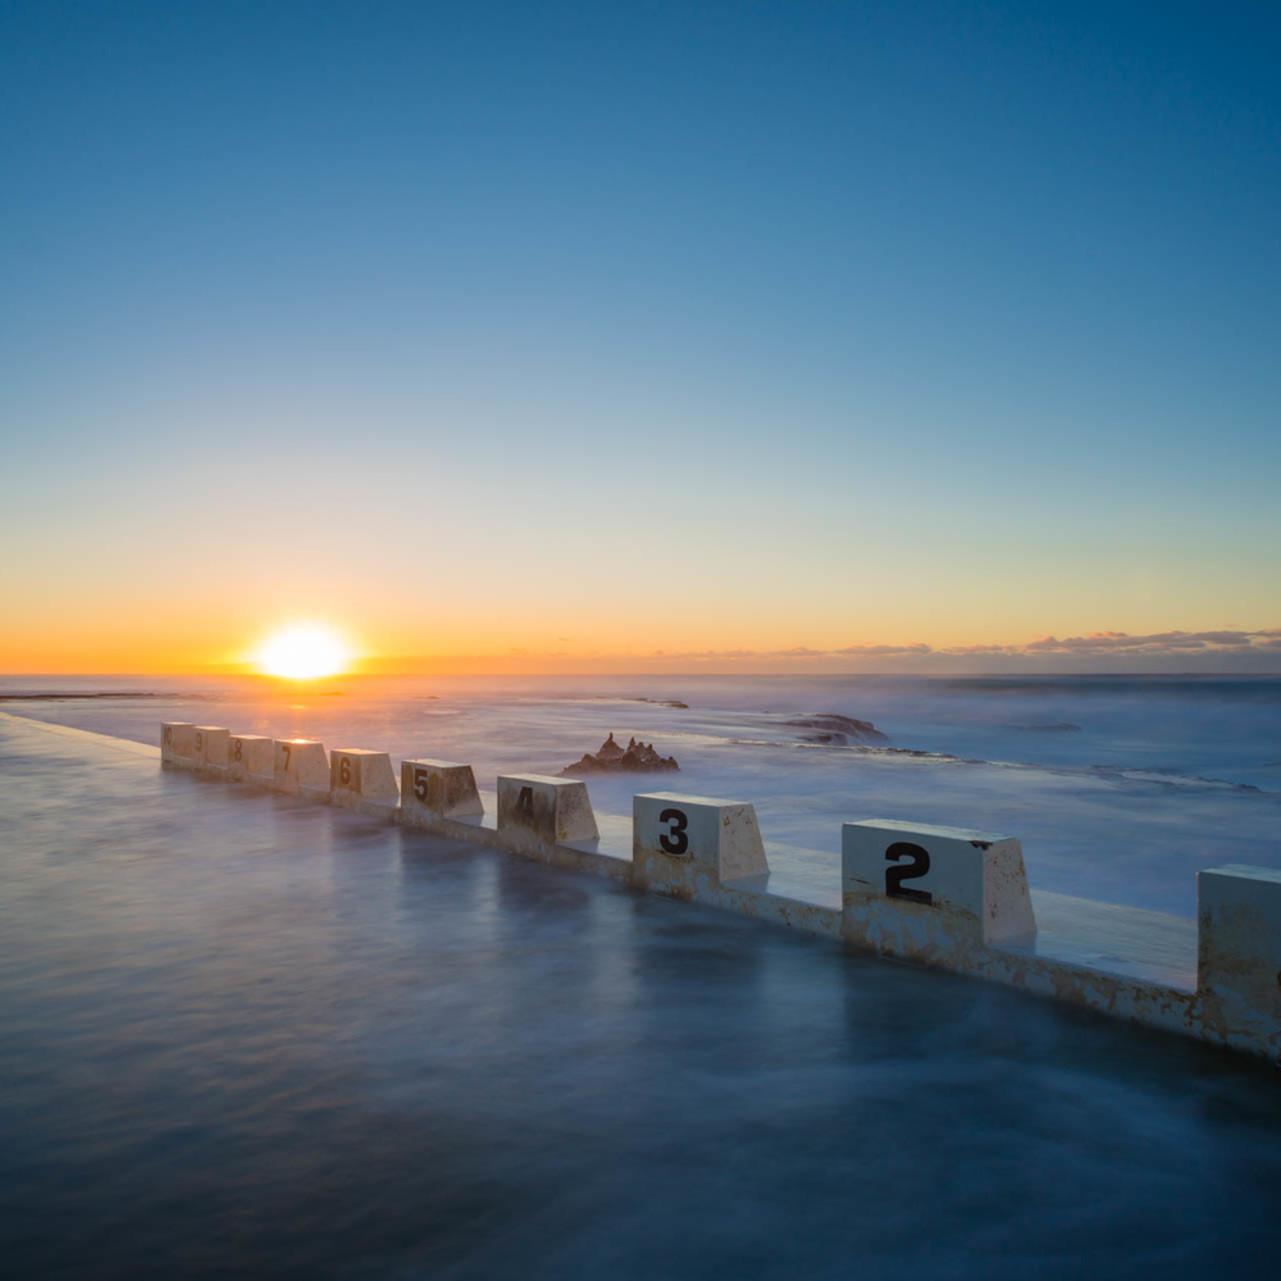 Baths sunrise merewether ocean baths newcastle nsw australia rbqzsb